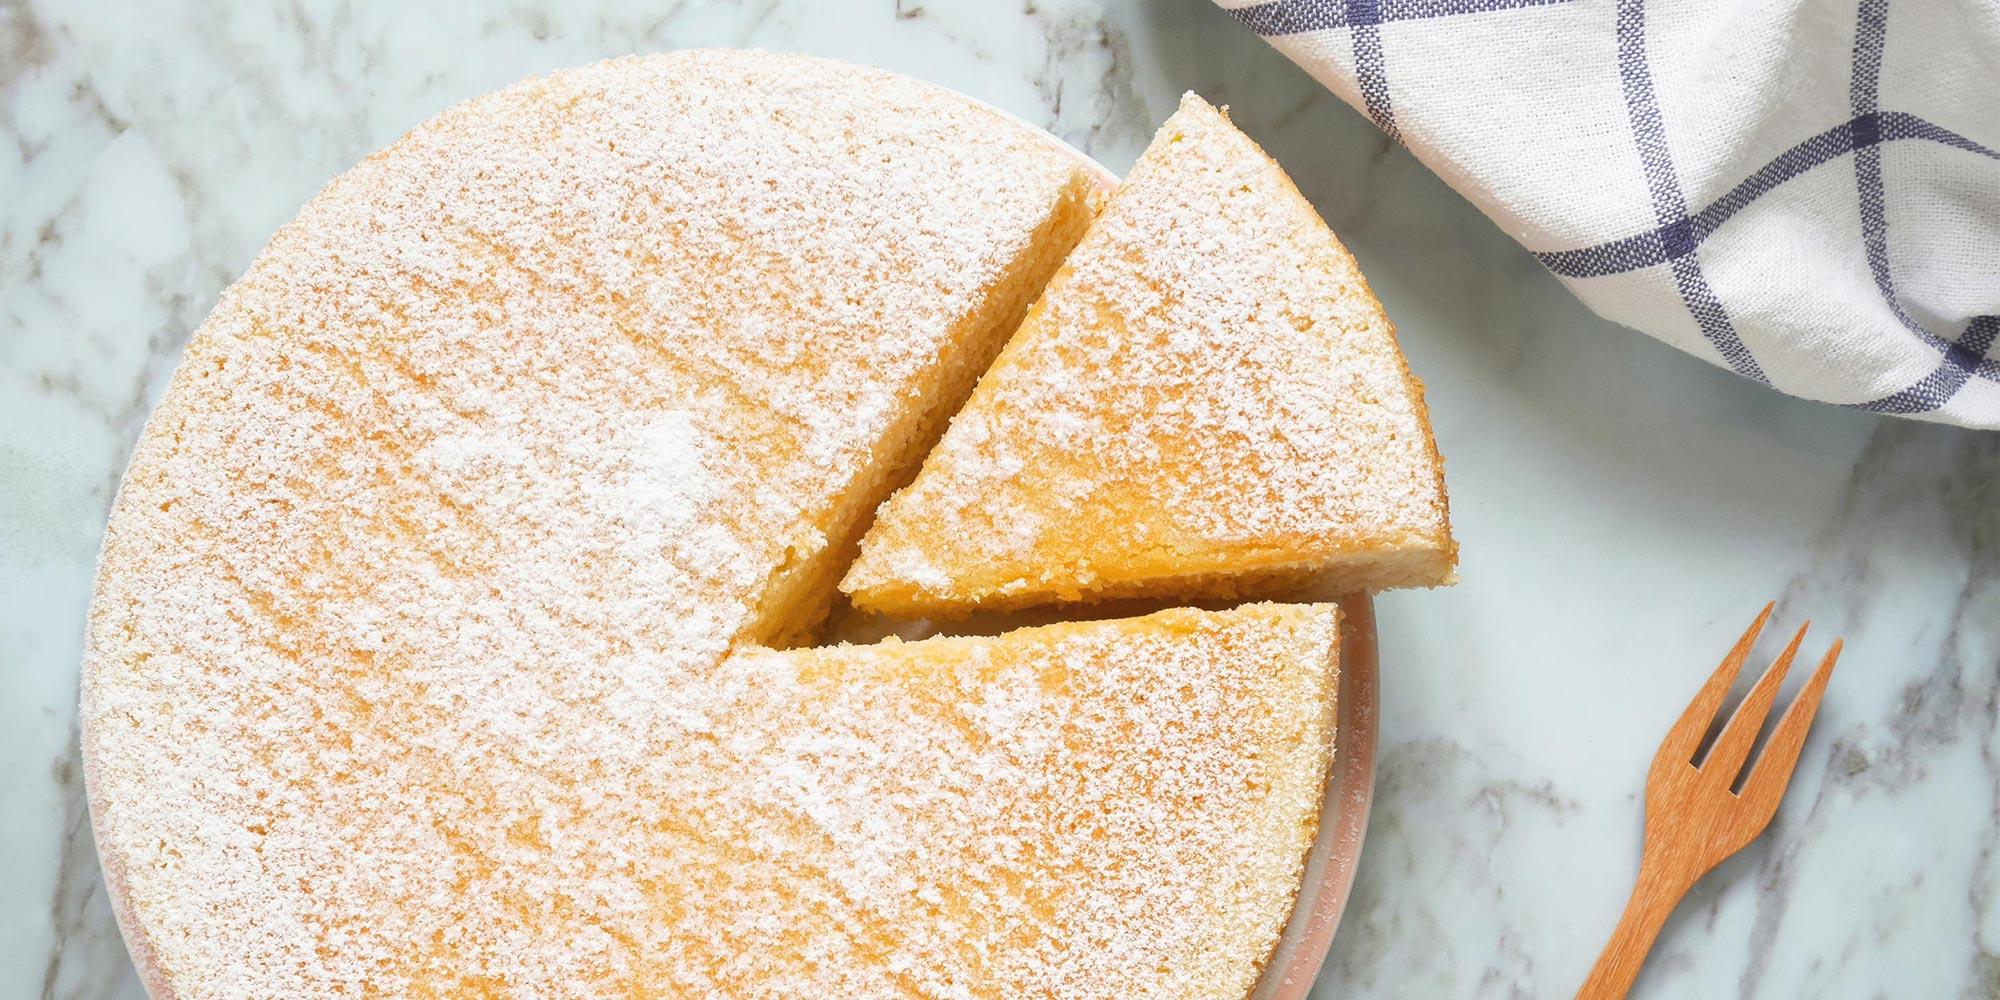 splenda recipe image